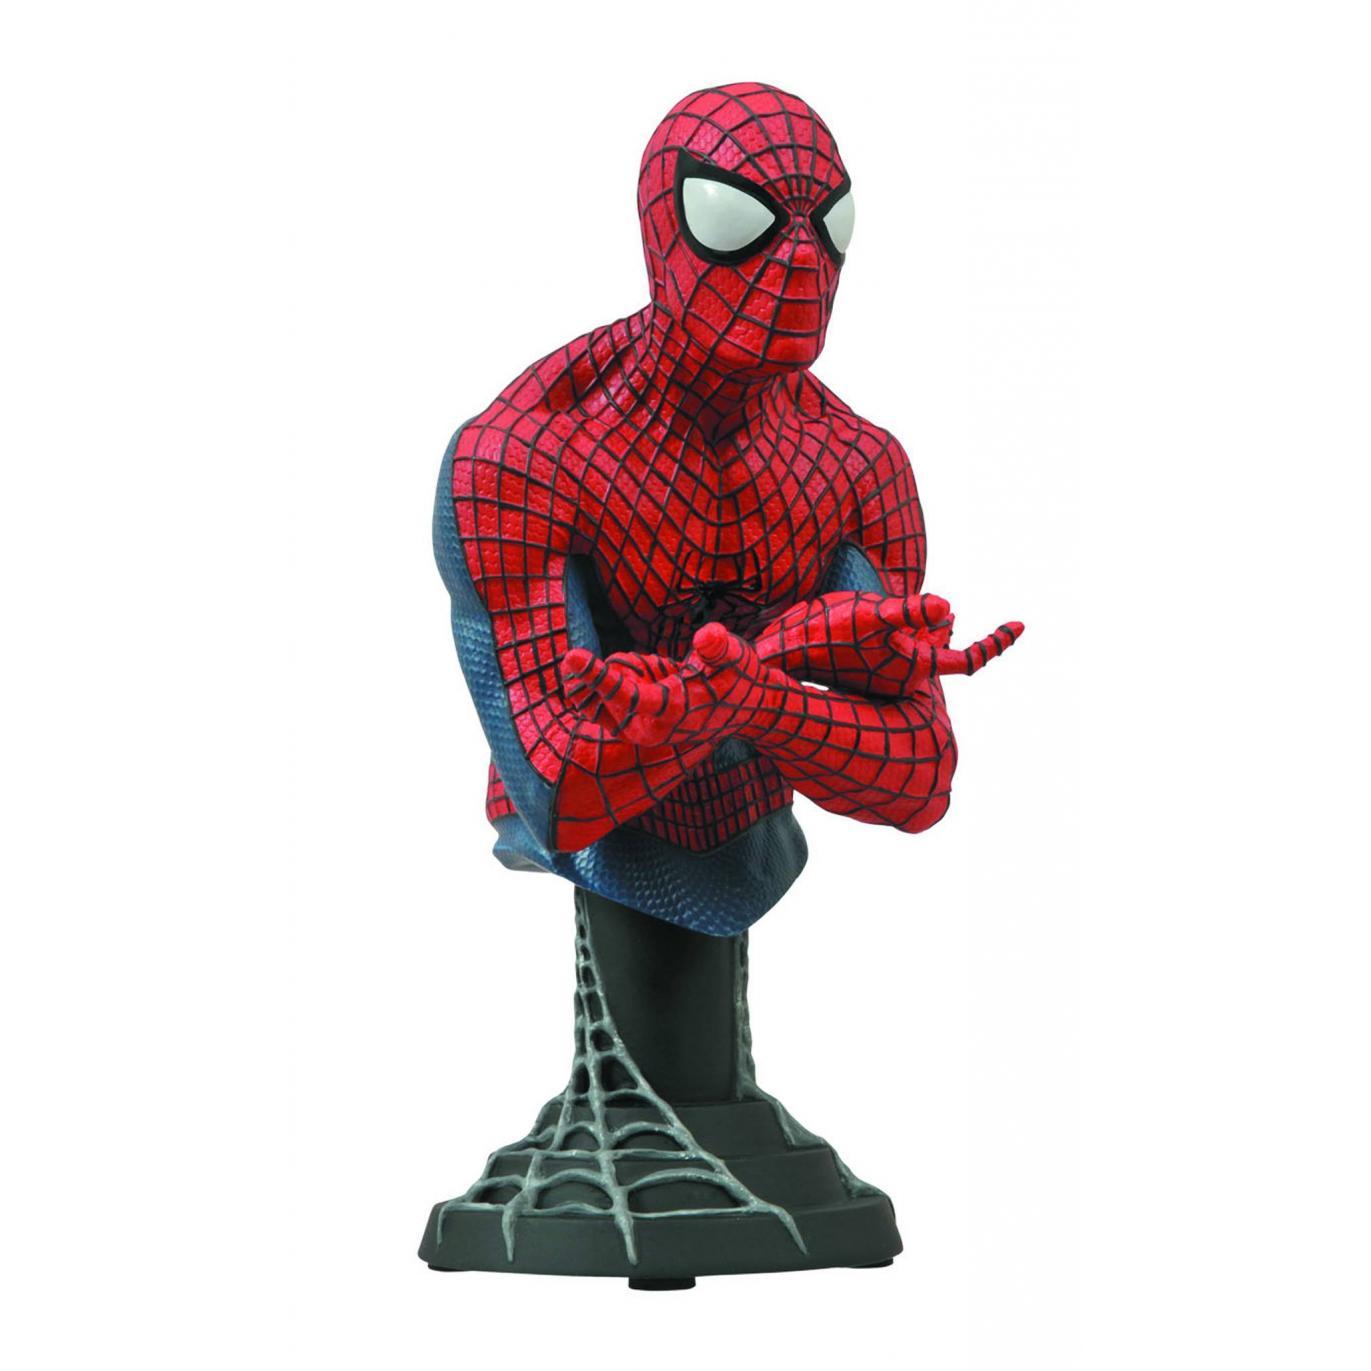 - STK644882 800x1371 - AMAZING SPIDER-MAN 2 MOVIE BUST